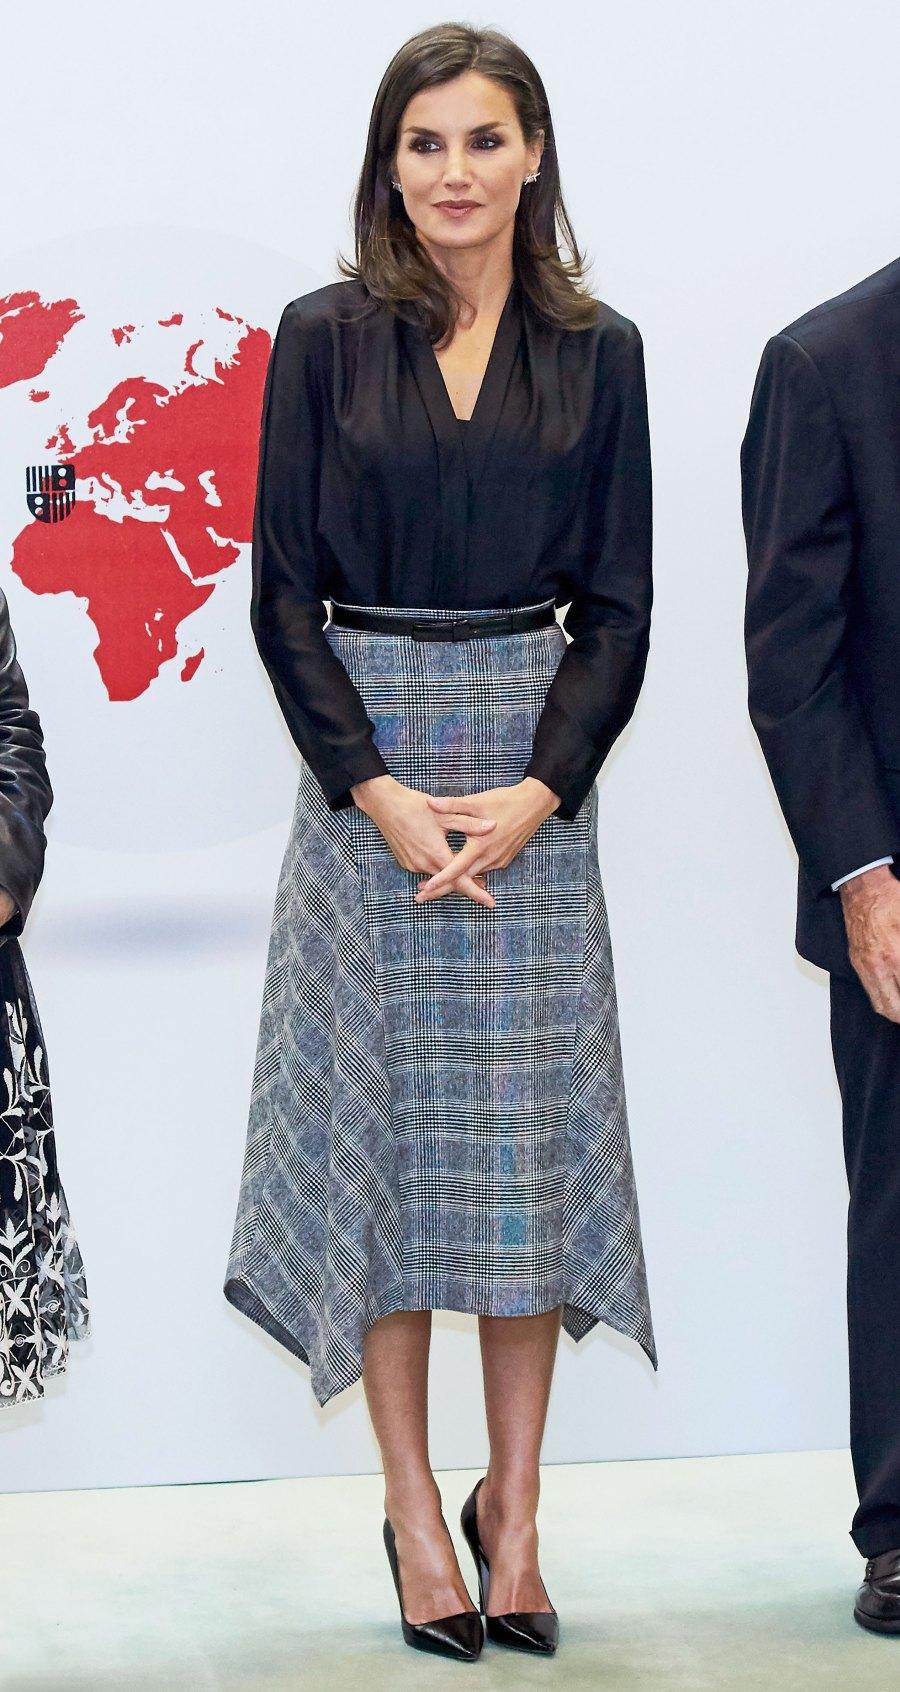 Queen Letizia Plaid Skirt October 30, 2019